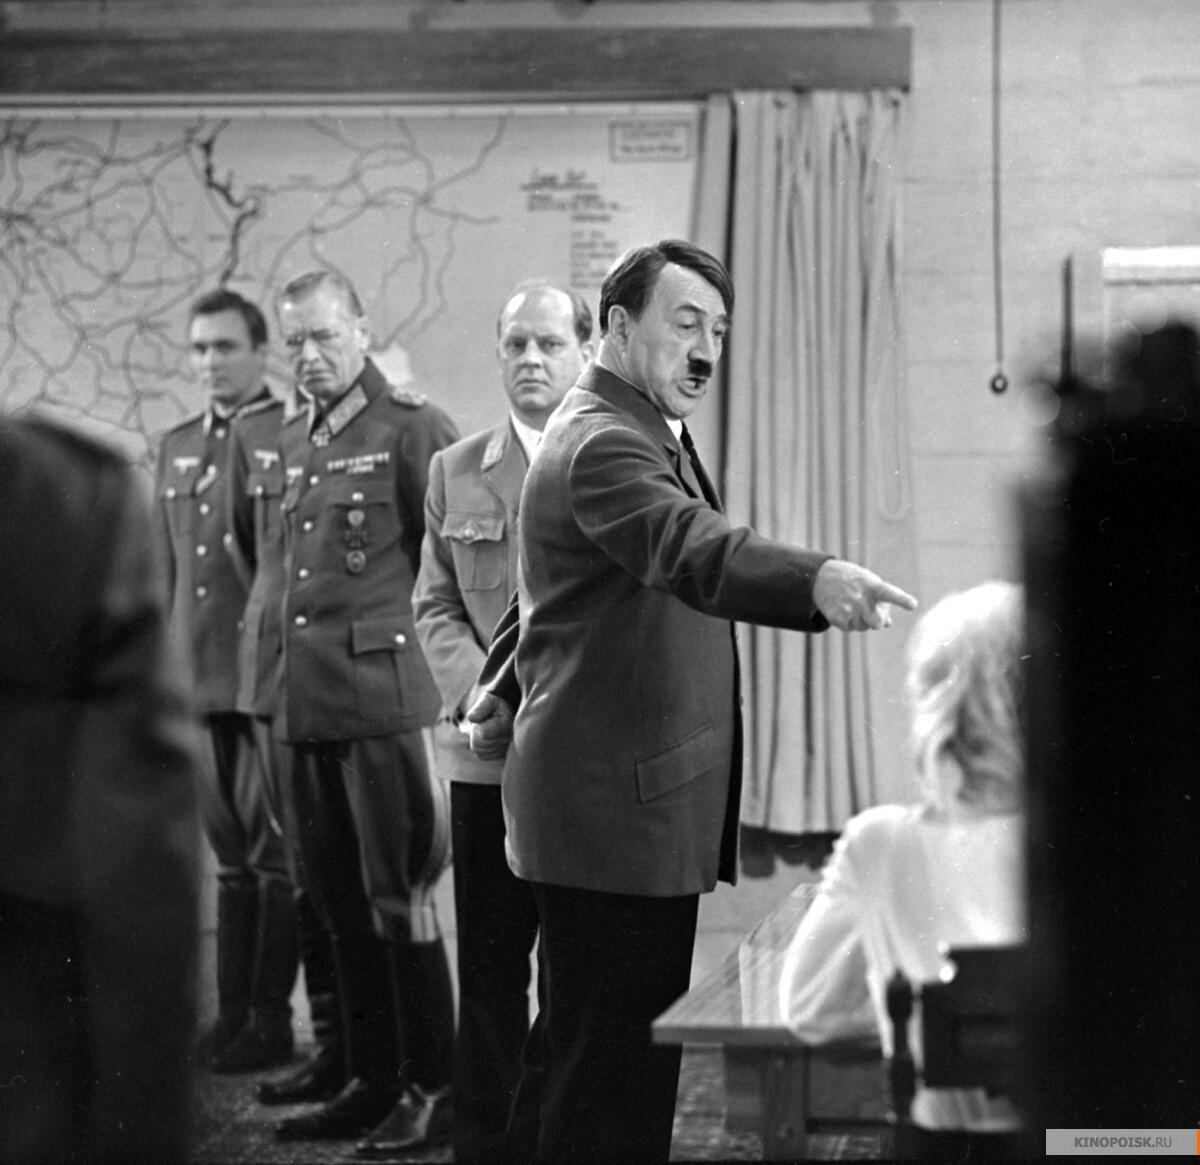 Фриц Диц в роли Адольфа Гитлера